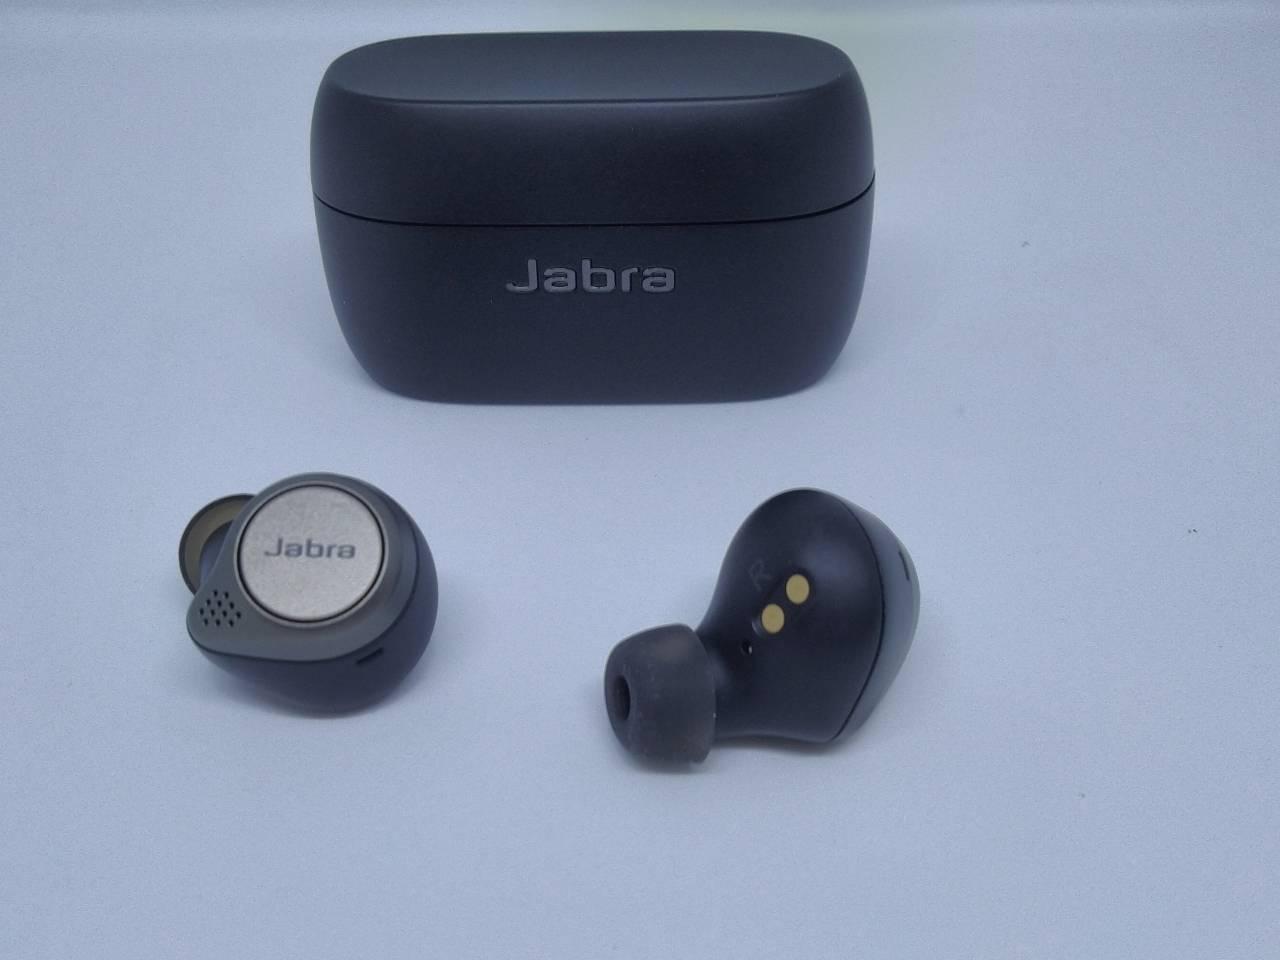 Les écouteurs et le boîtier de recharge